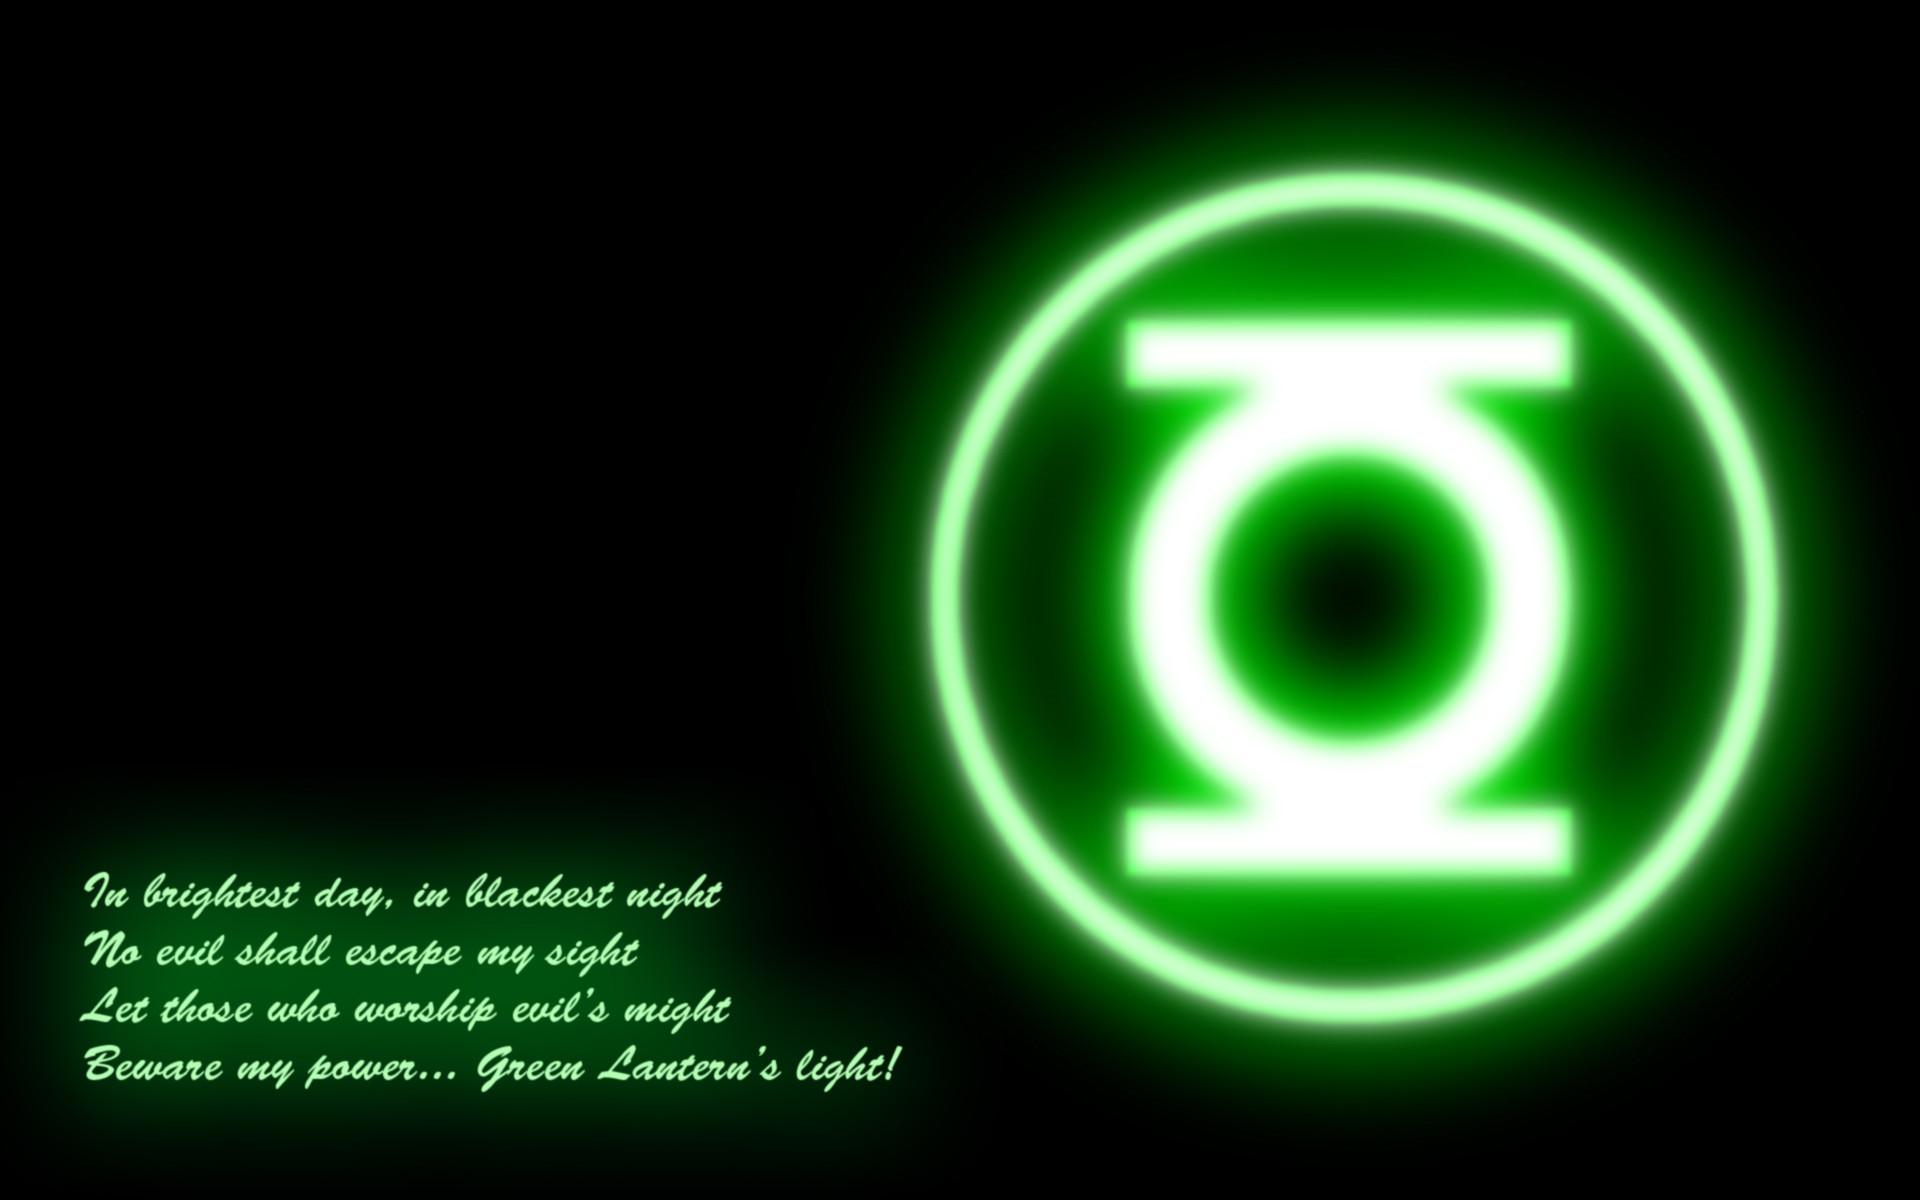 green lantern oath wallpaper 68 images. Black Bedroom Furniture Sets. Home Design Ideas